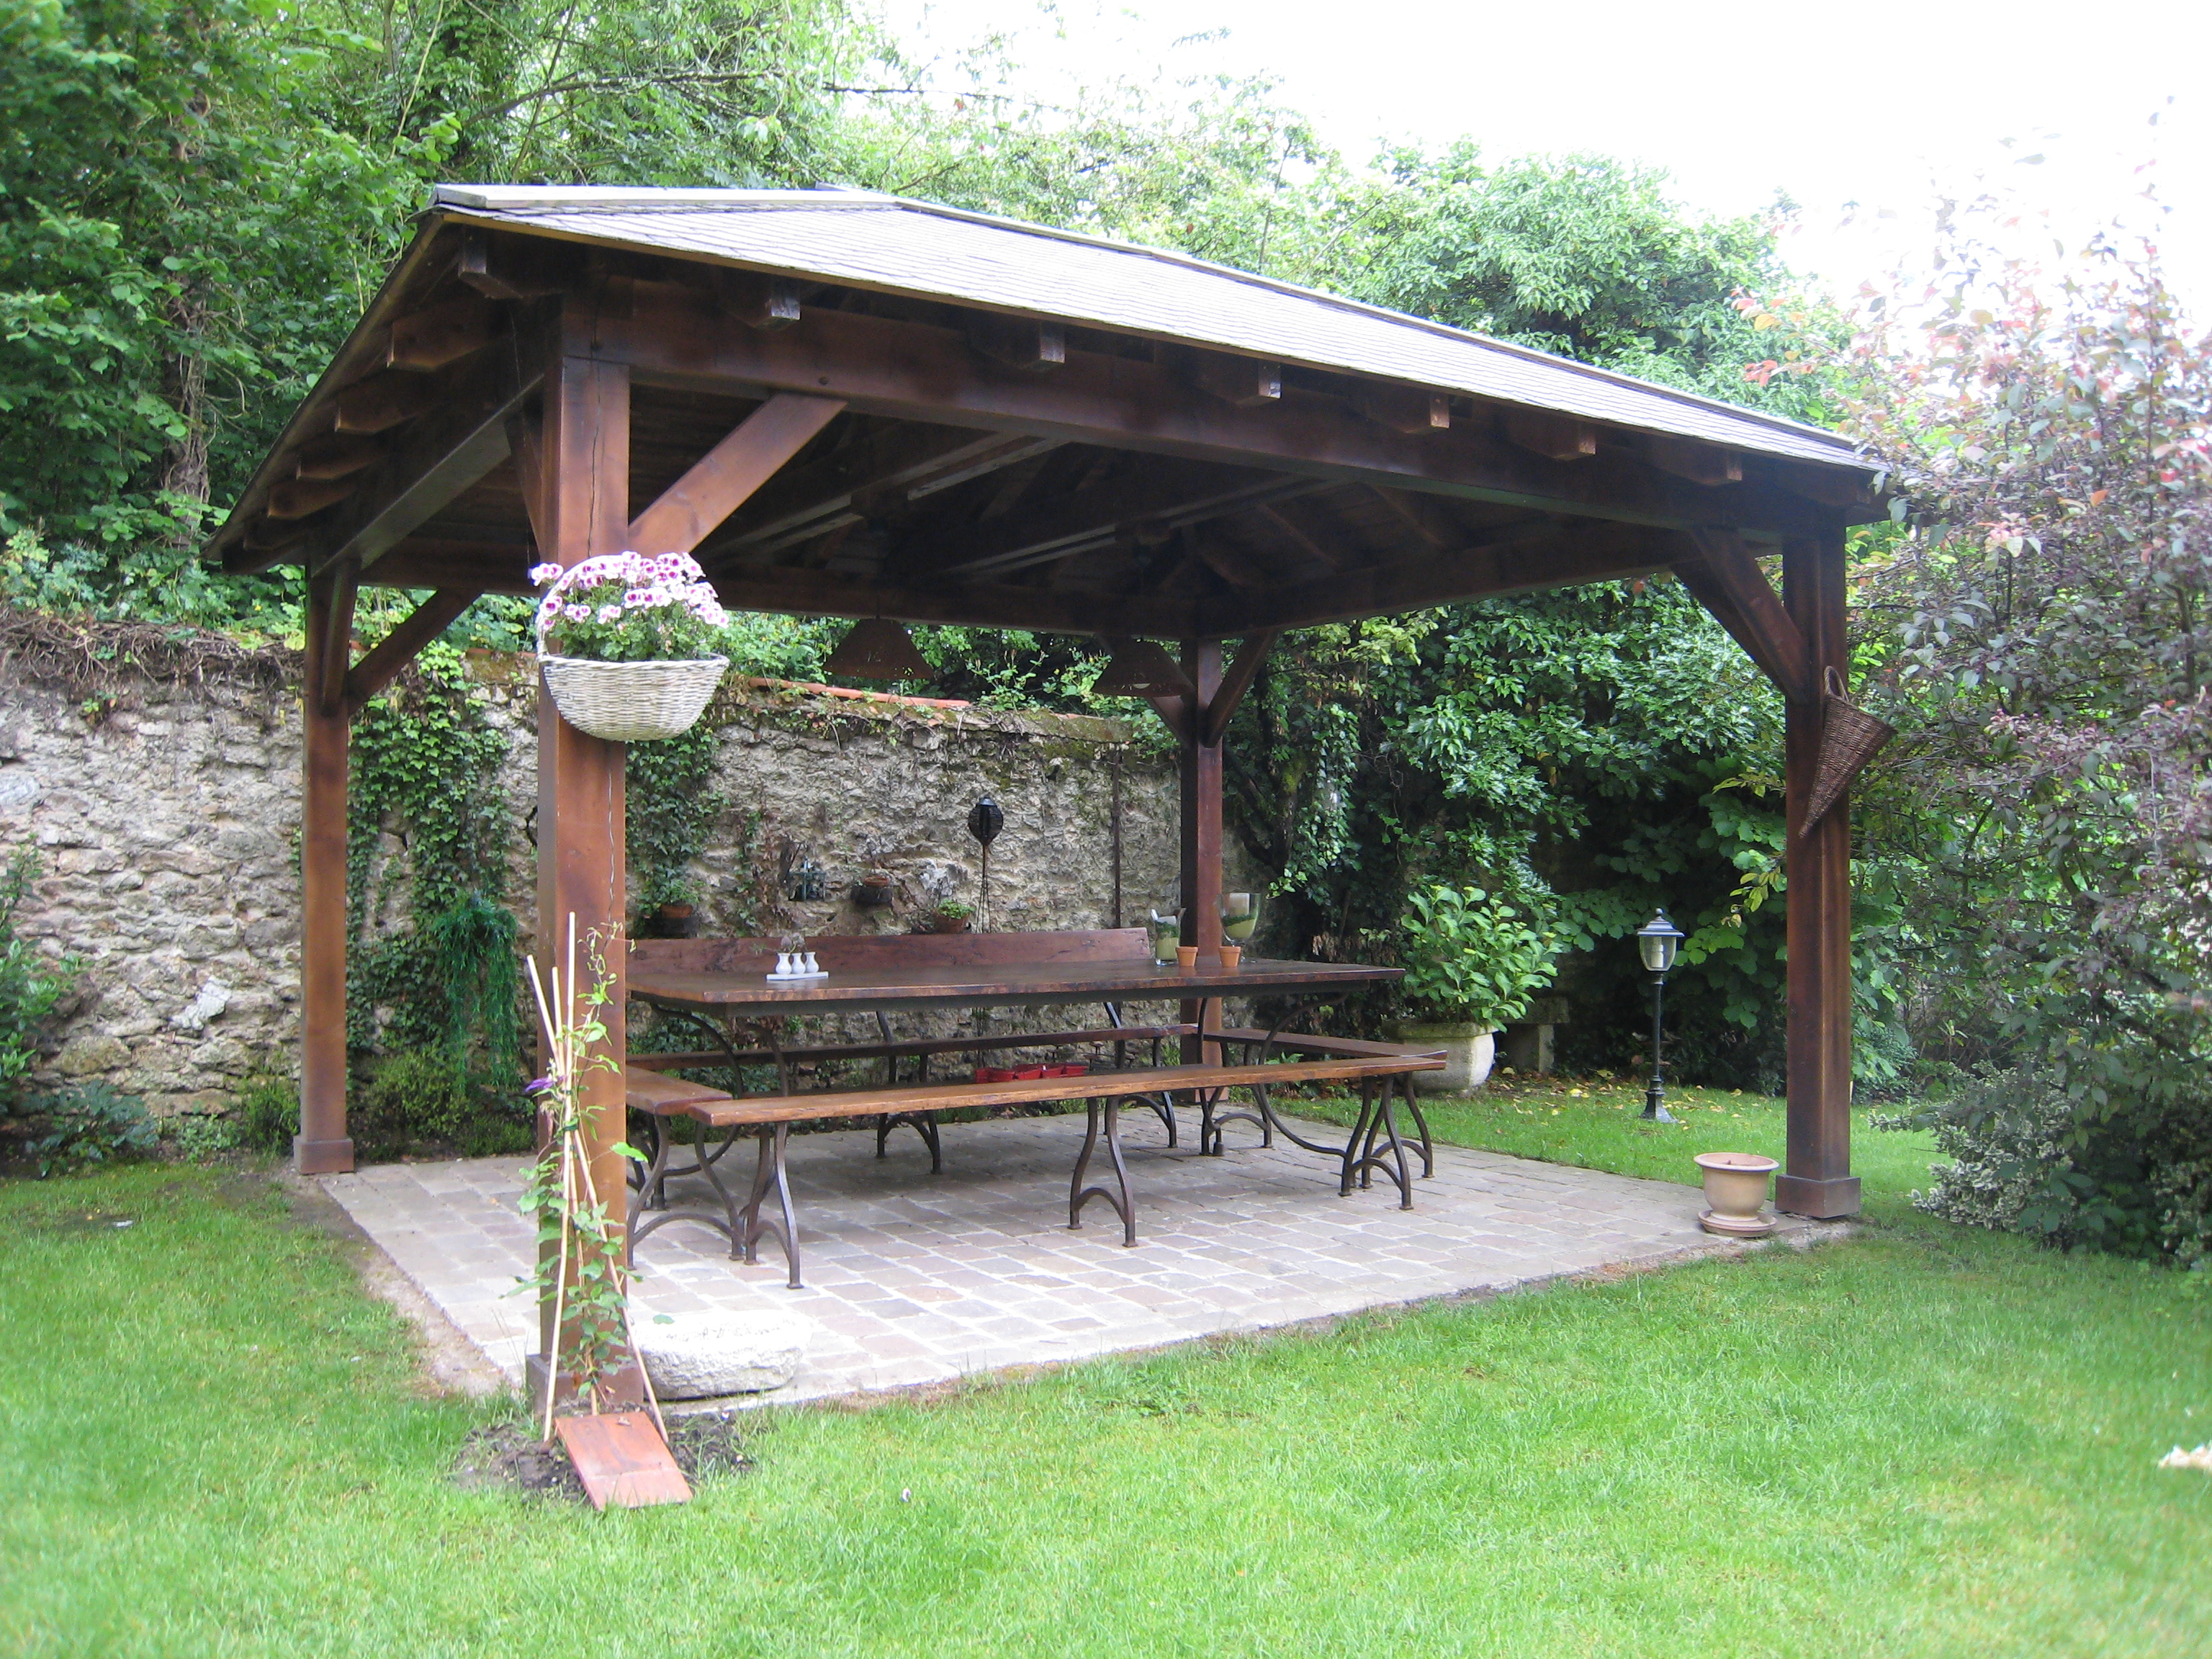 abri4pentes_bilam_300x400_ Meilleur De De Abri De Jardin Metal Imitation Bois Des Idées